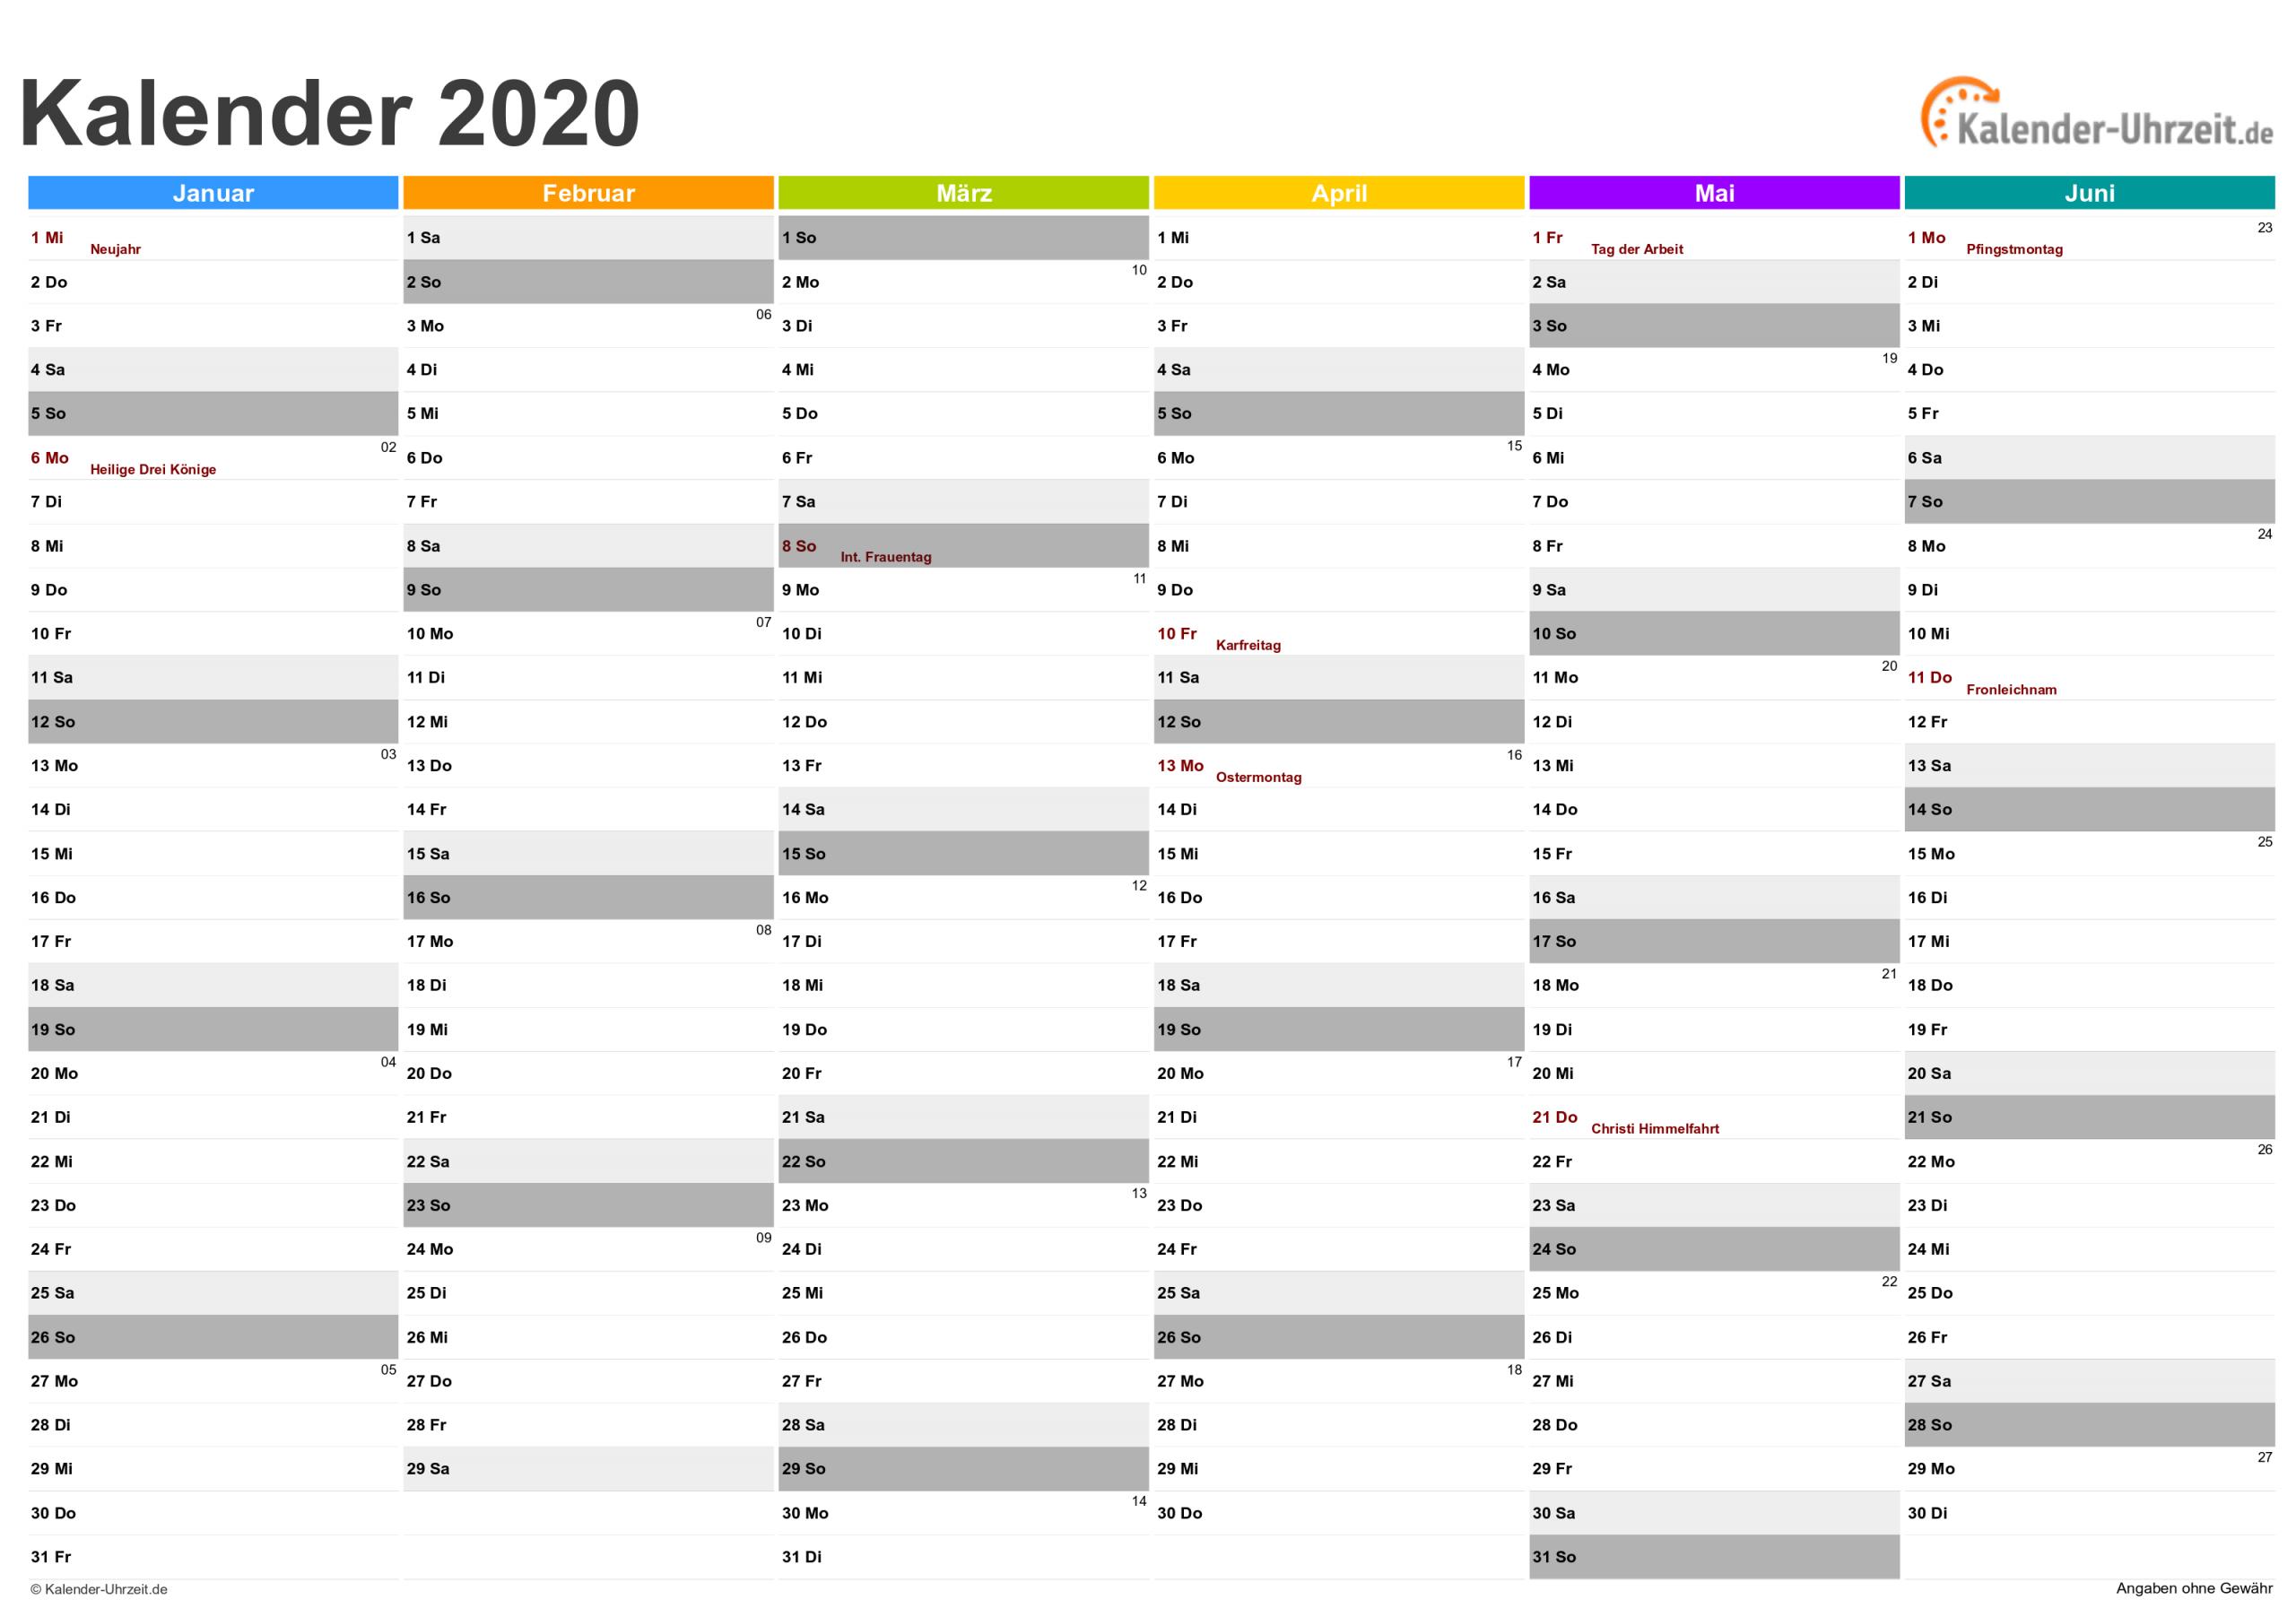 Kalender 2020 Zum Ausdrucken - Kostenlos bestimmt für Kostenlose Kalender Zum Ausdrucken